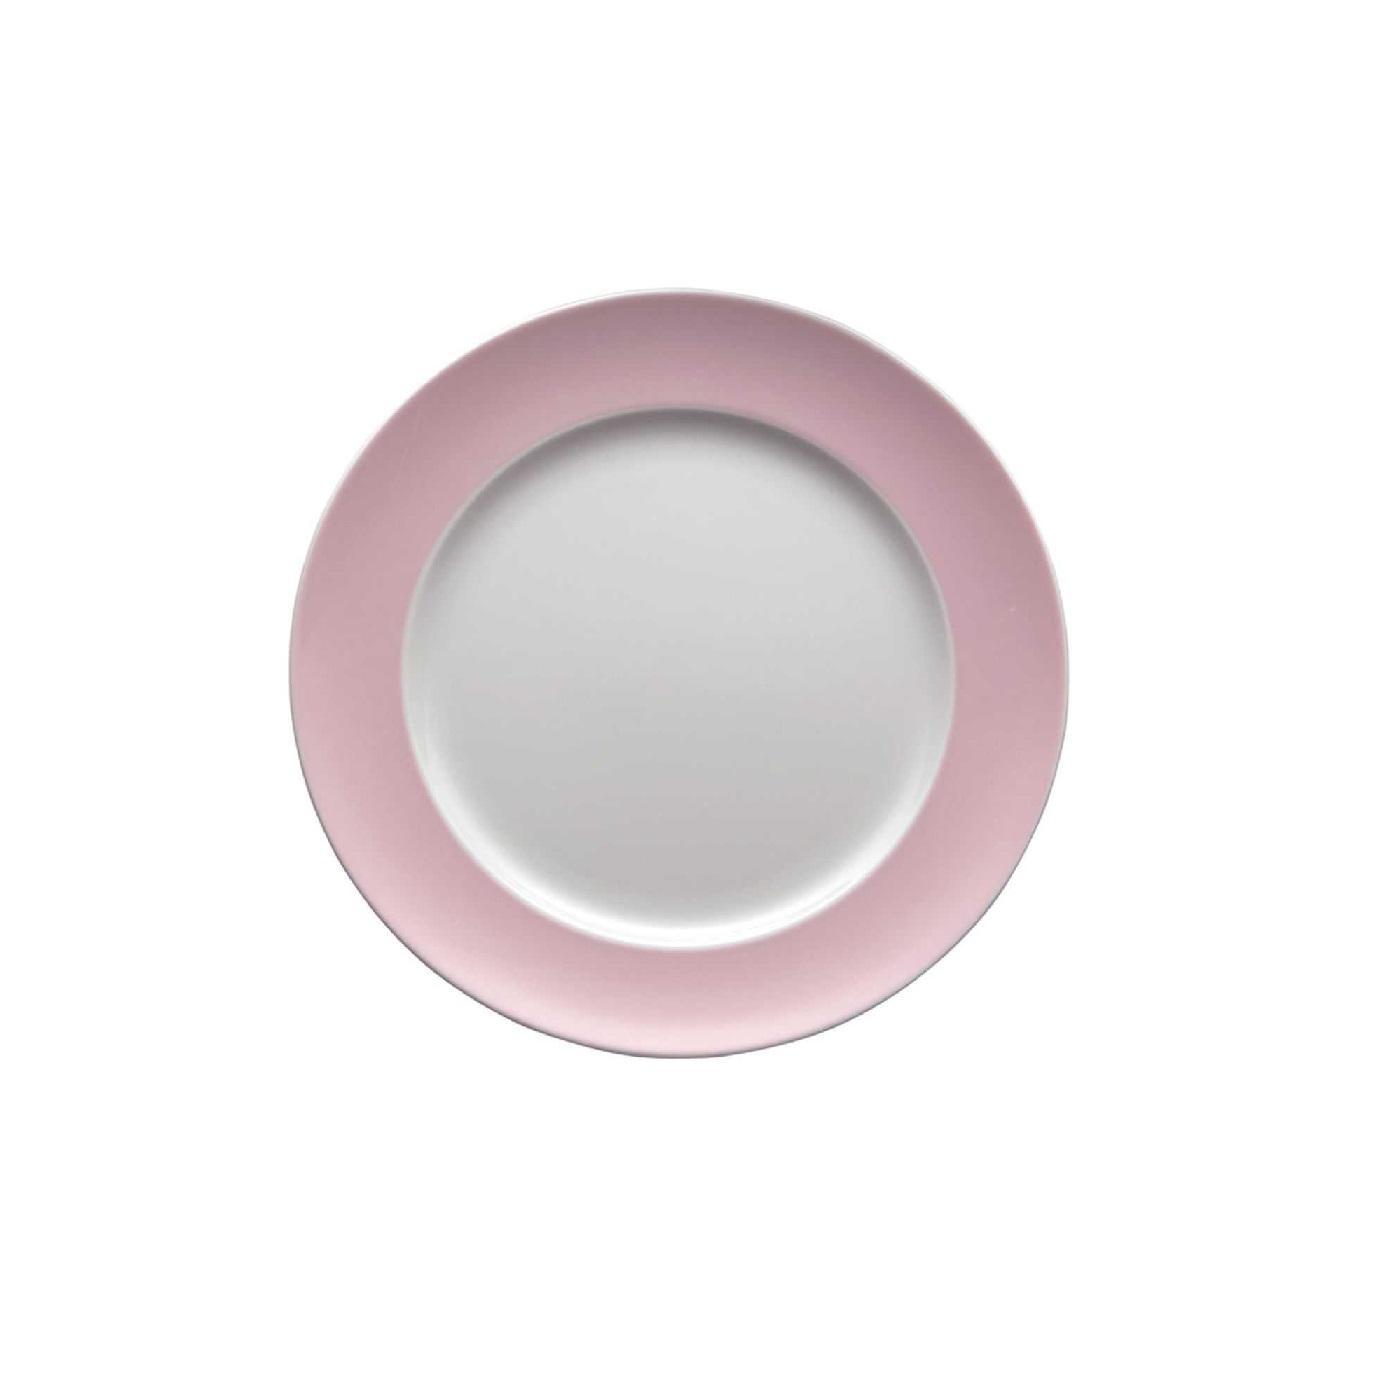 Тарелка основная Rosenthal SUNNY DAY, диаметр 27 см, розовый Rosenthal 10850-408533-10227 фото 1